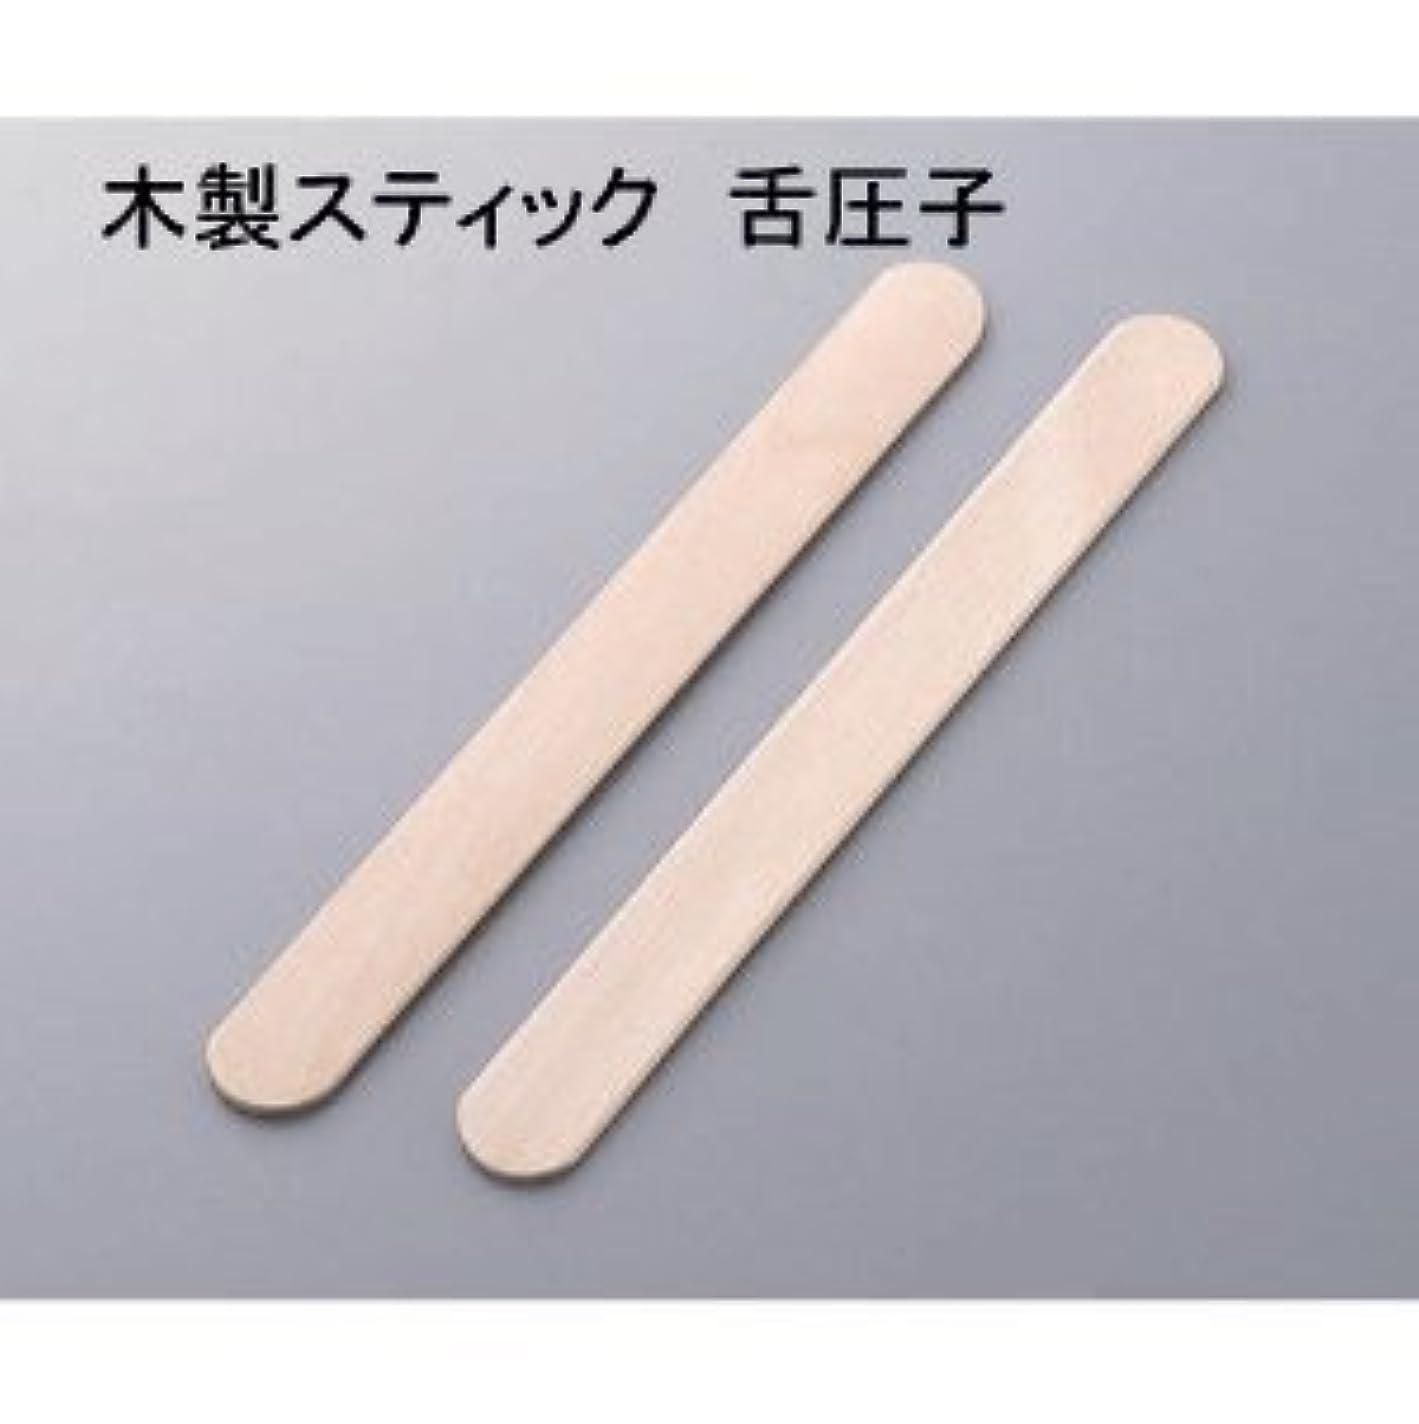 検査しっかり与える木製舌圧子150mm スパチュラ 脱毛 ハダカ 50本